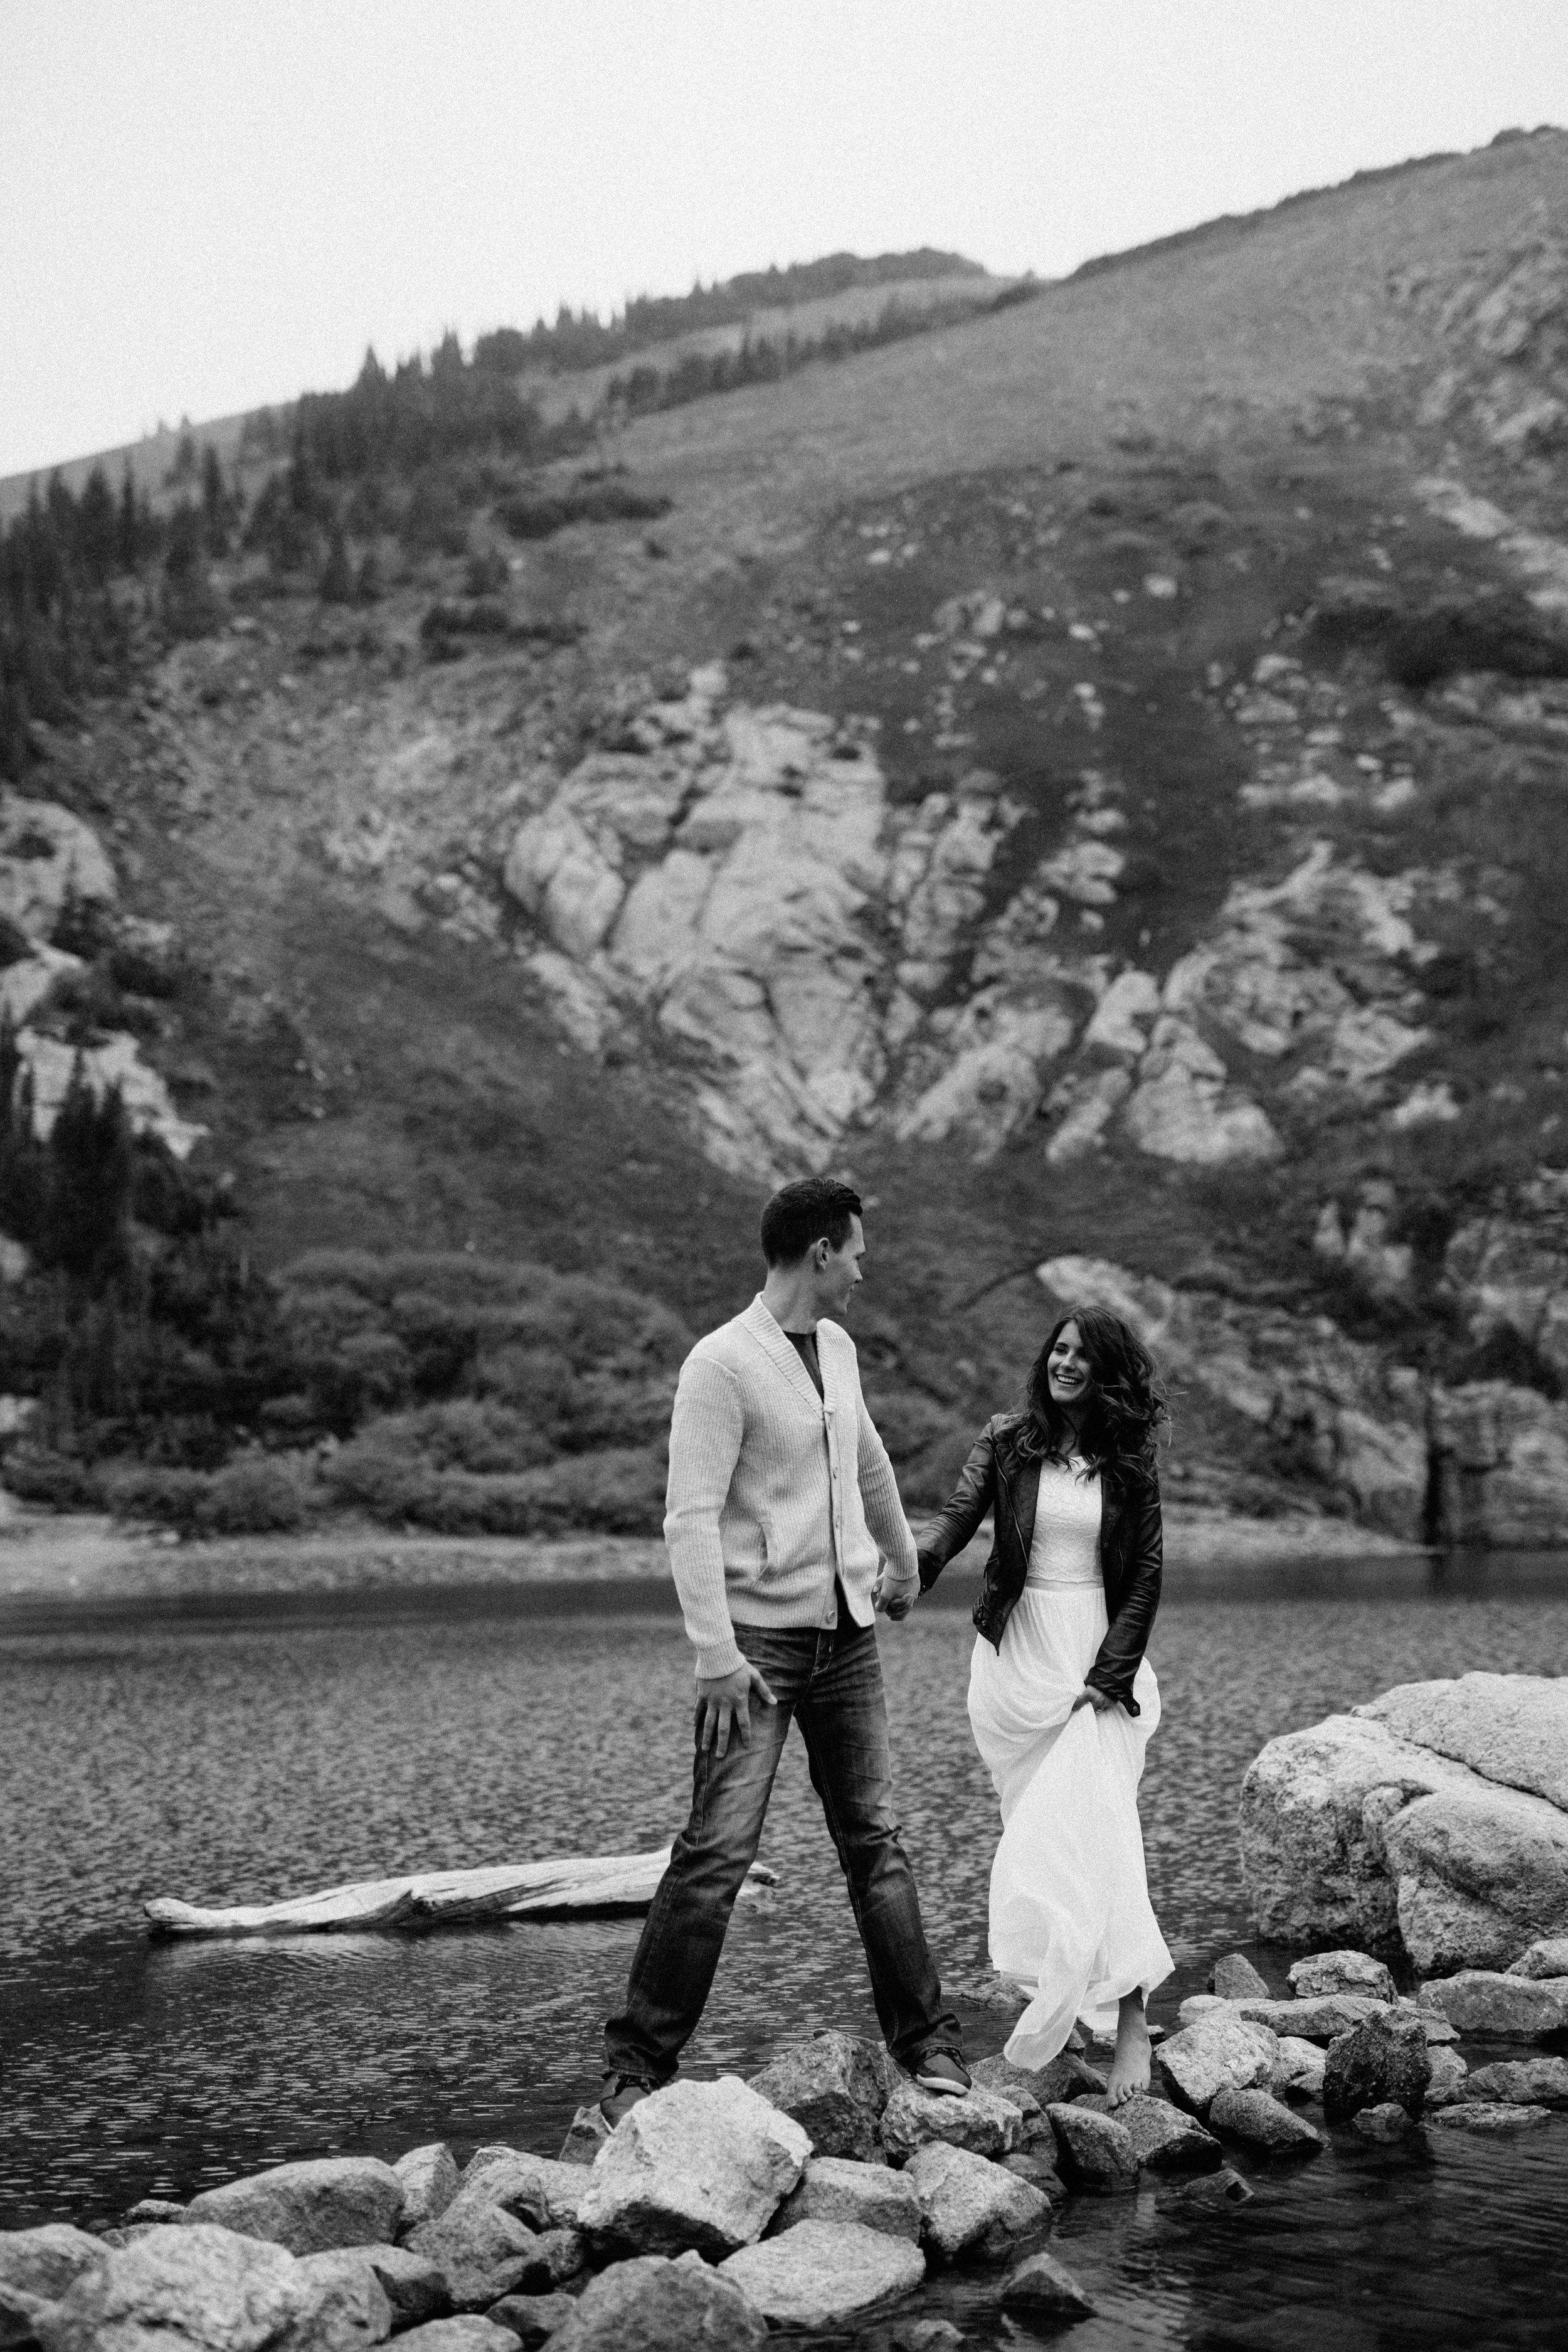 Wedding Photography at Saint Mary's Glacier, Colorado